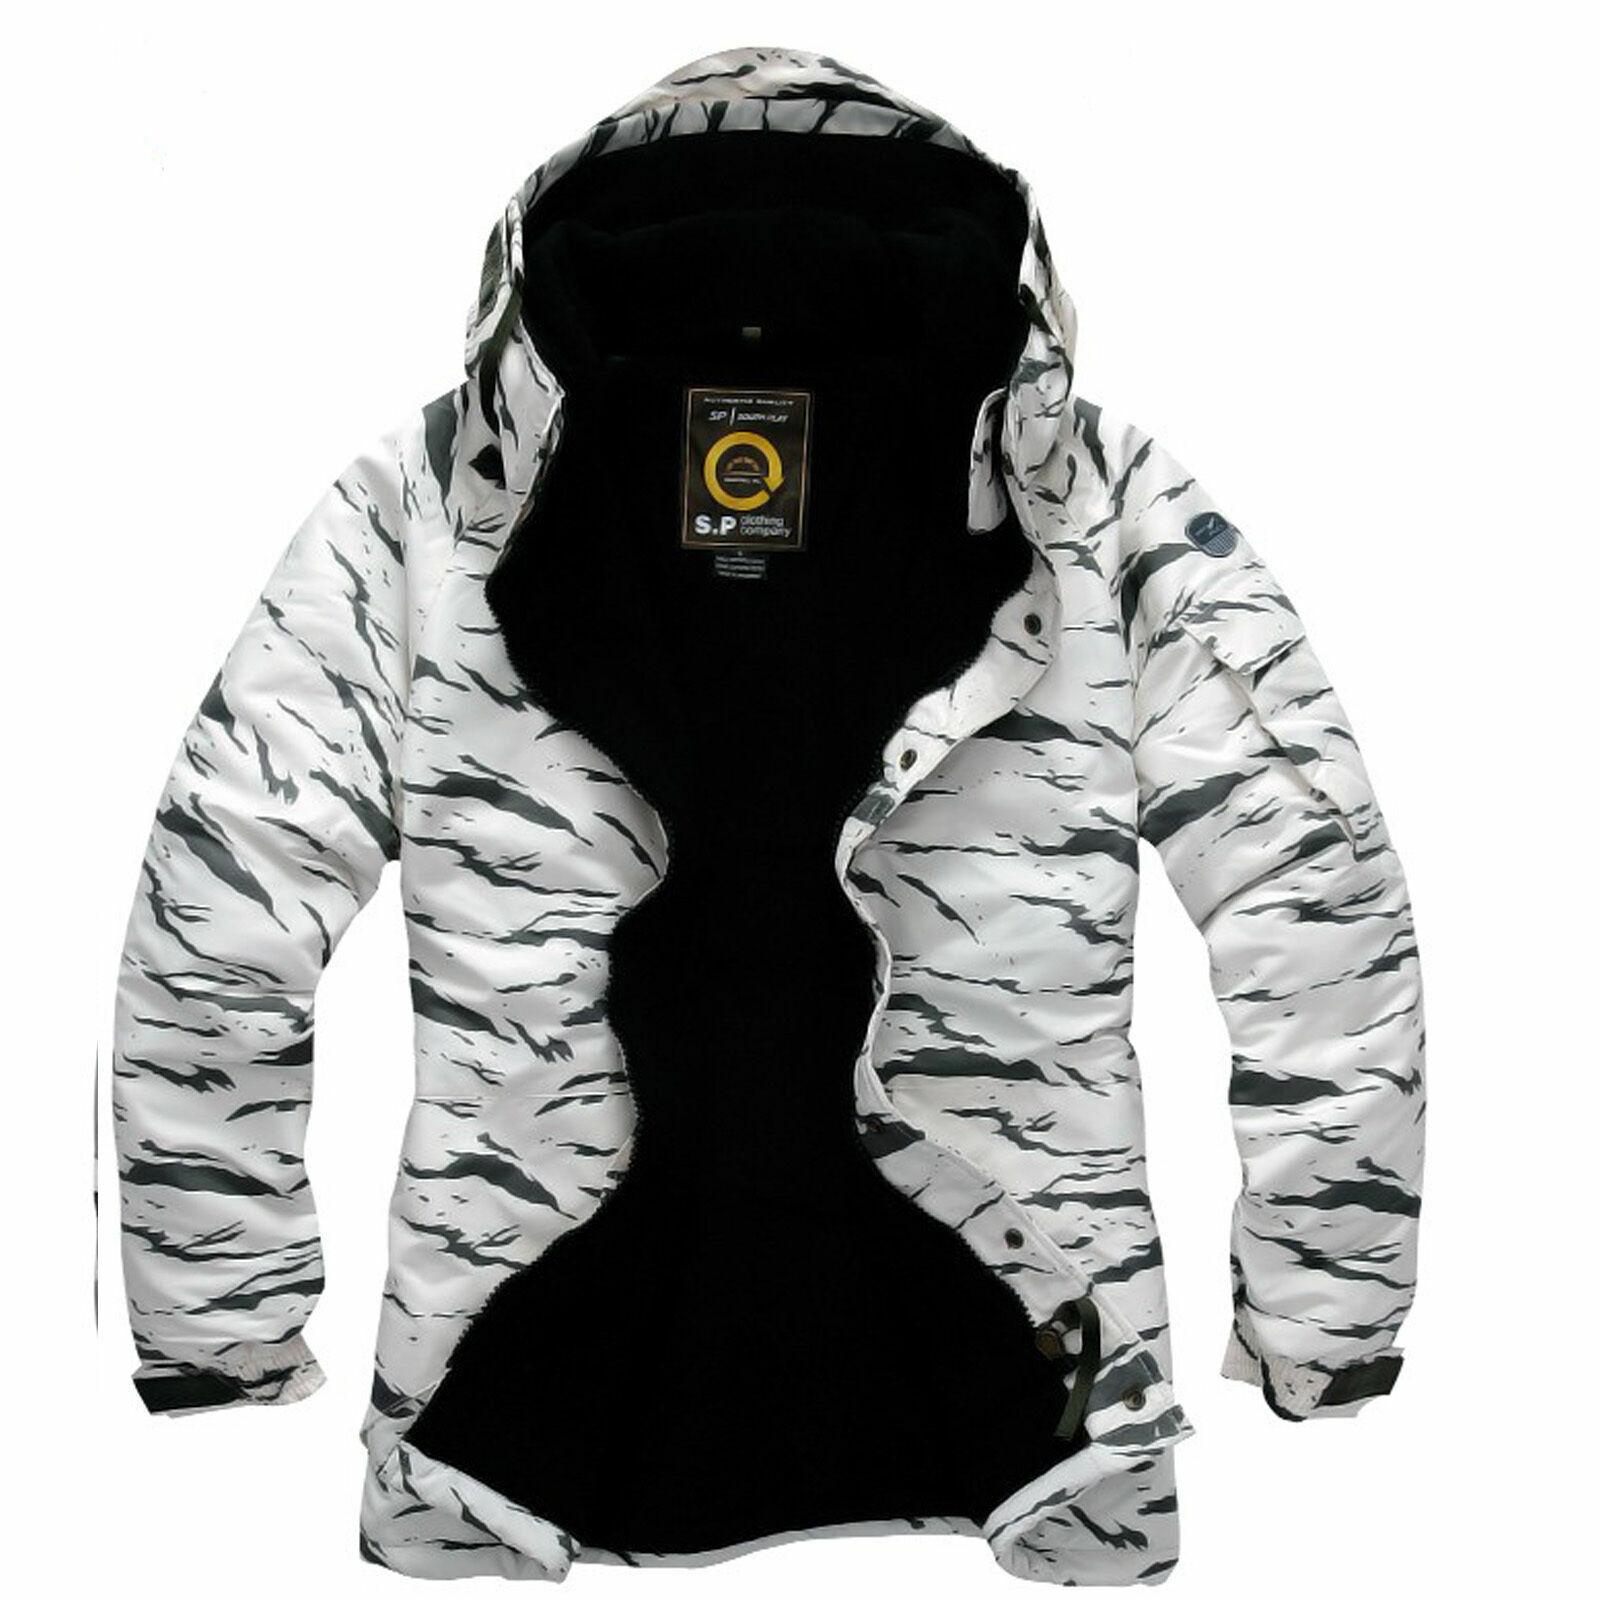 K style  Weiße Camouflag Winter wasserdicht Ski-Snowboard Jacke S